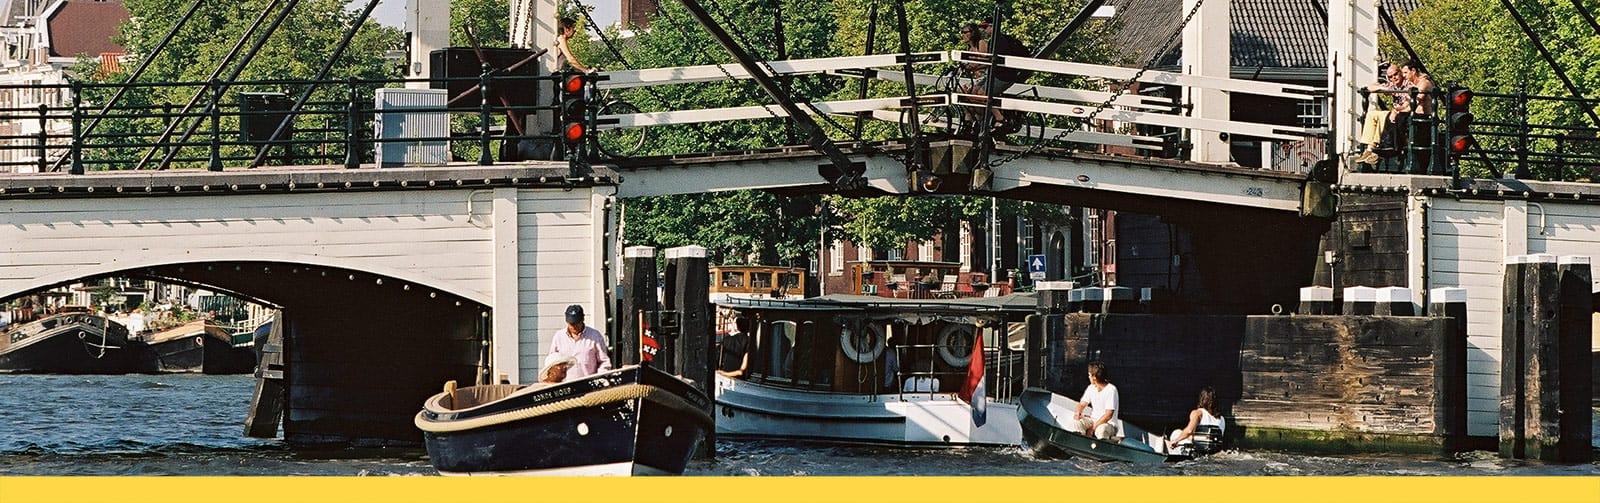 Amsterdamse vaargids